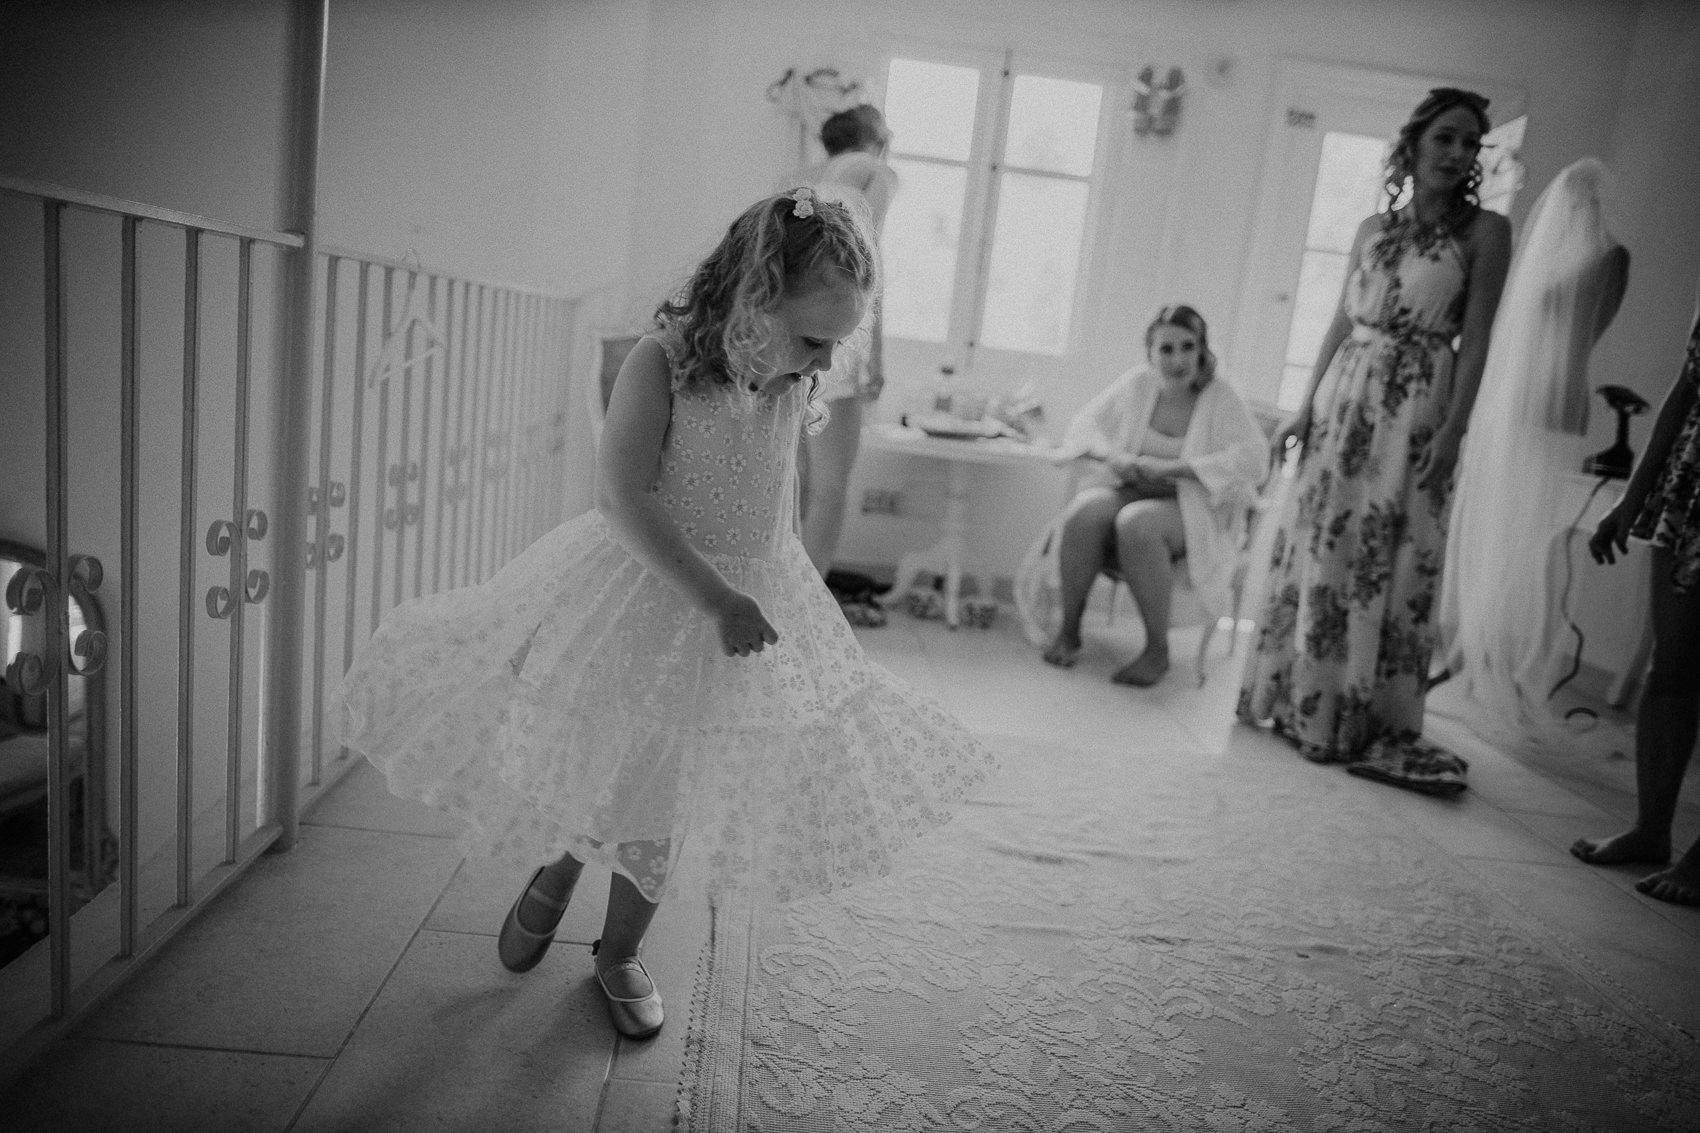 Sarah & Bill | Summer wedding at Cortijo Rosa Blanca | Marbella - Spain 43